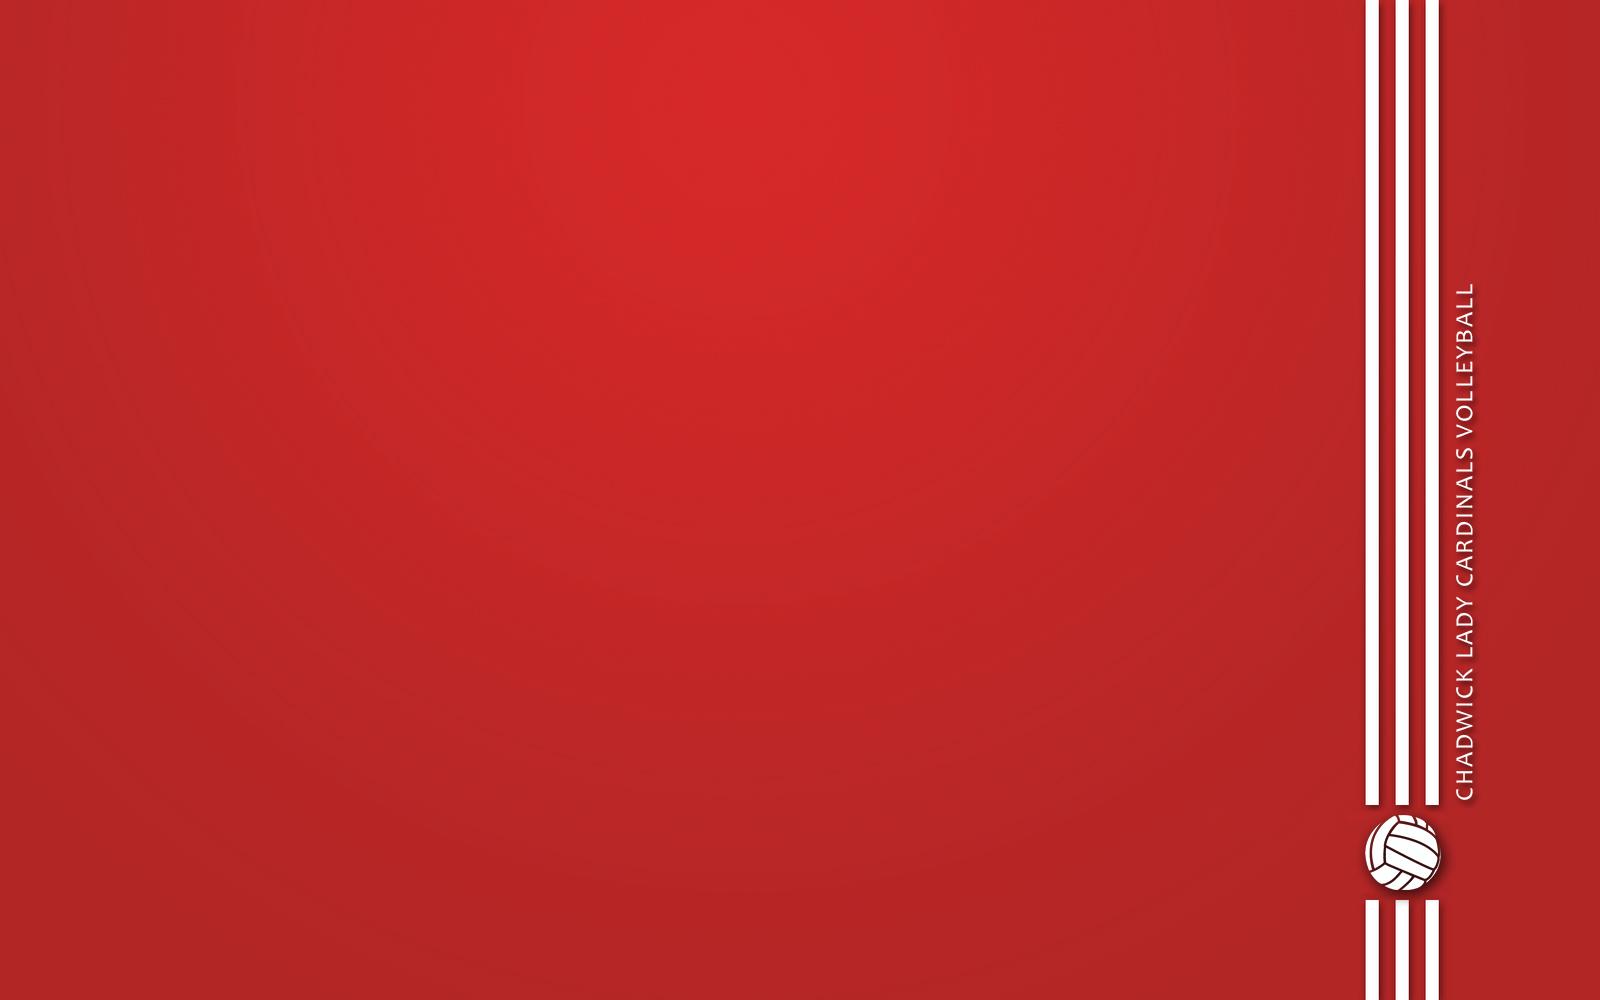 chs-volleyball-wallpaper-1600×1000